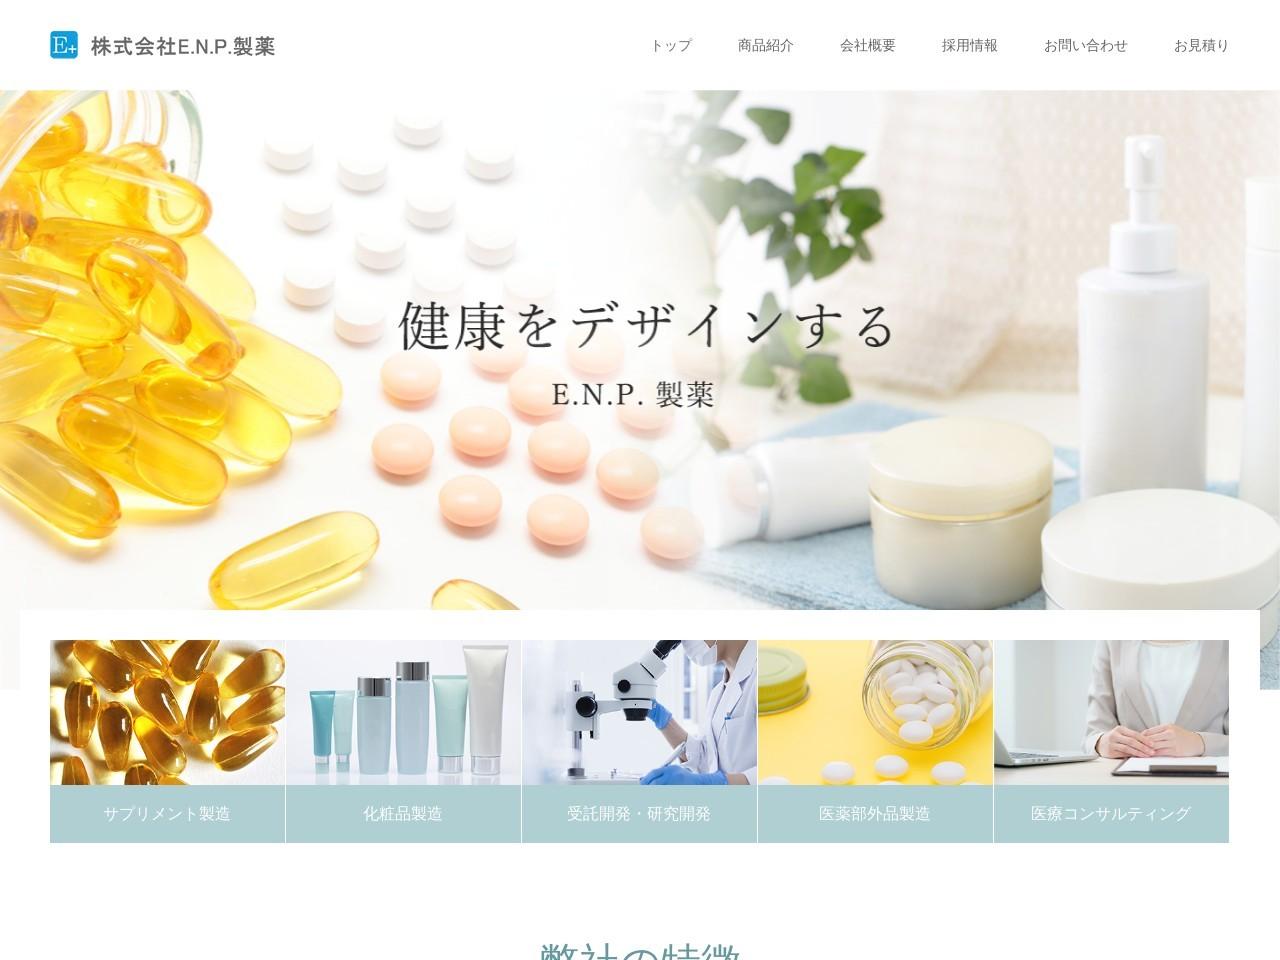 株式会社E.N.P.製薬